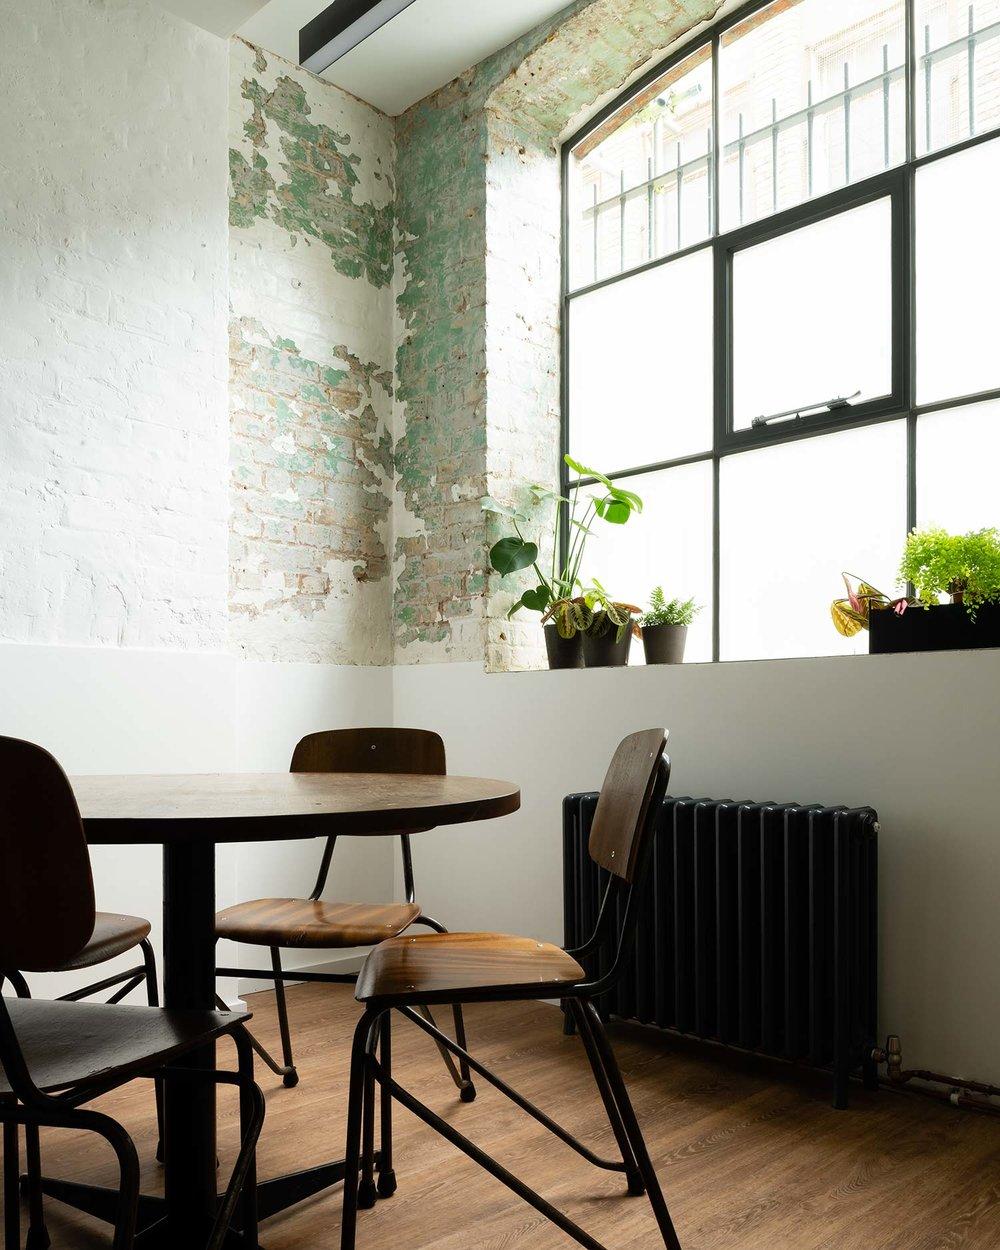 Architecture-London-Design-Freehaus-Workspace-Ink-Works-4.jpg